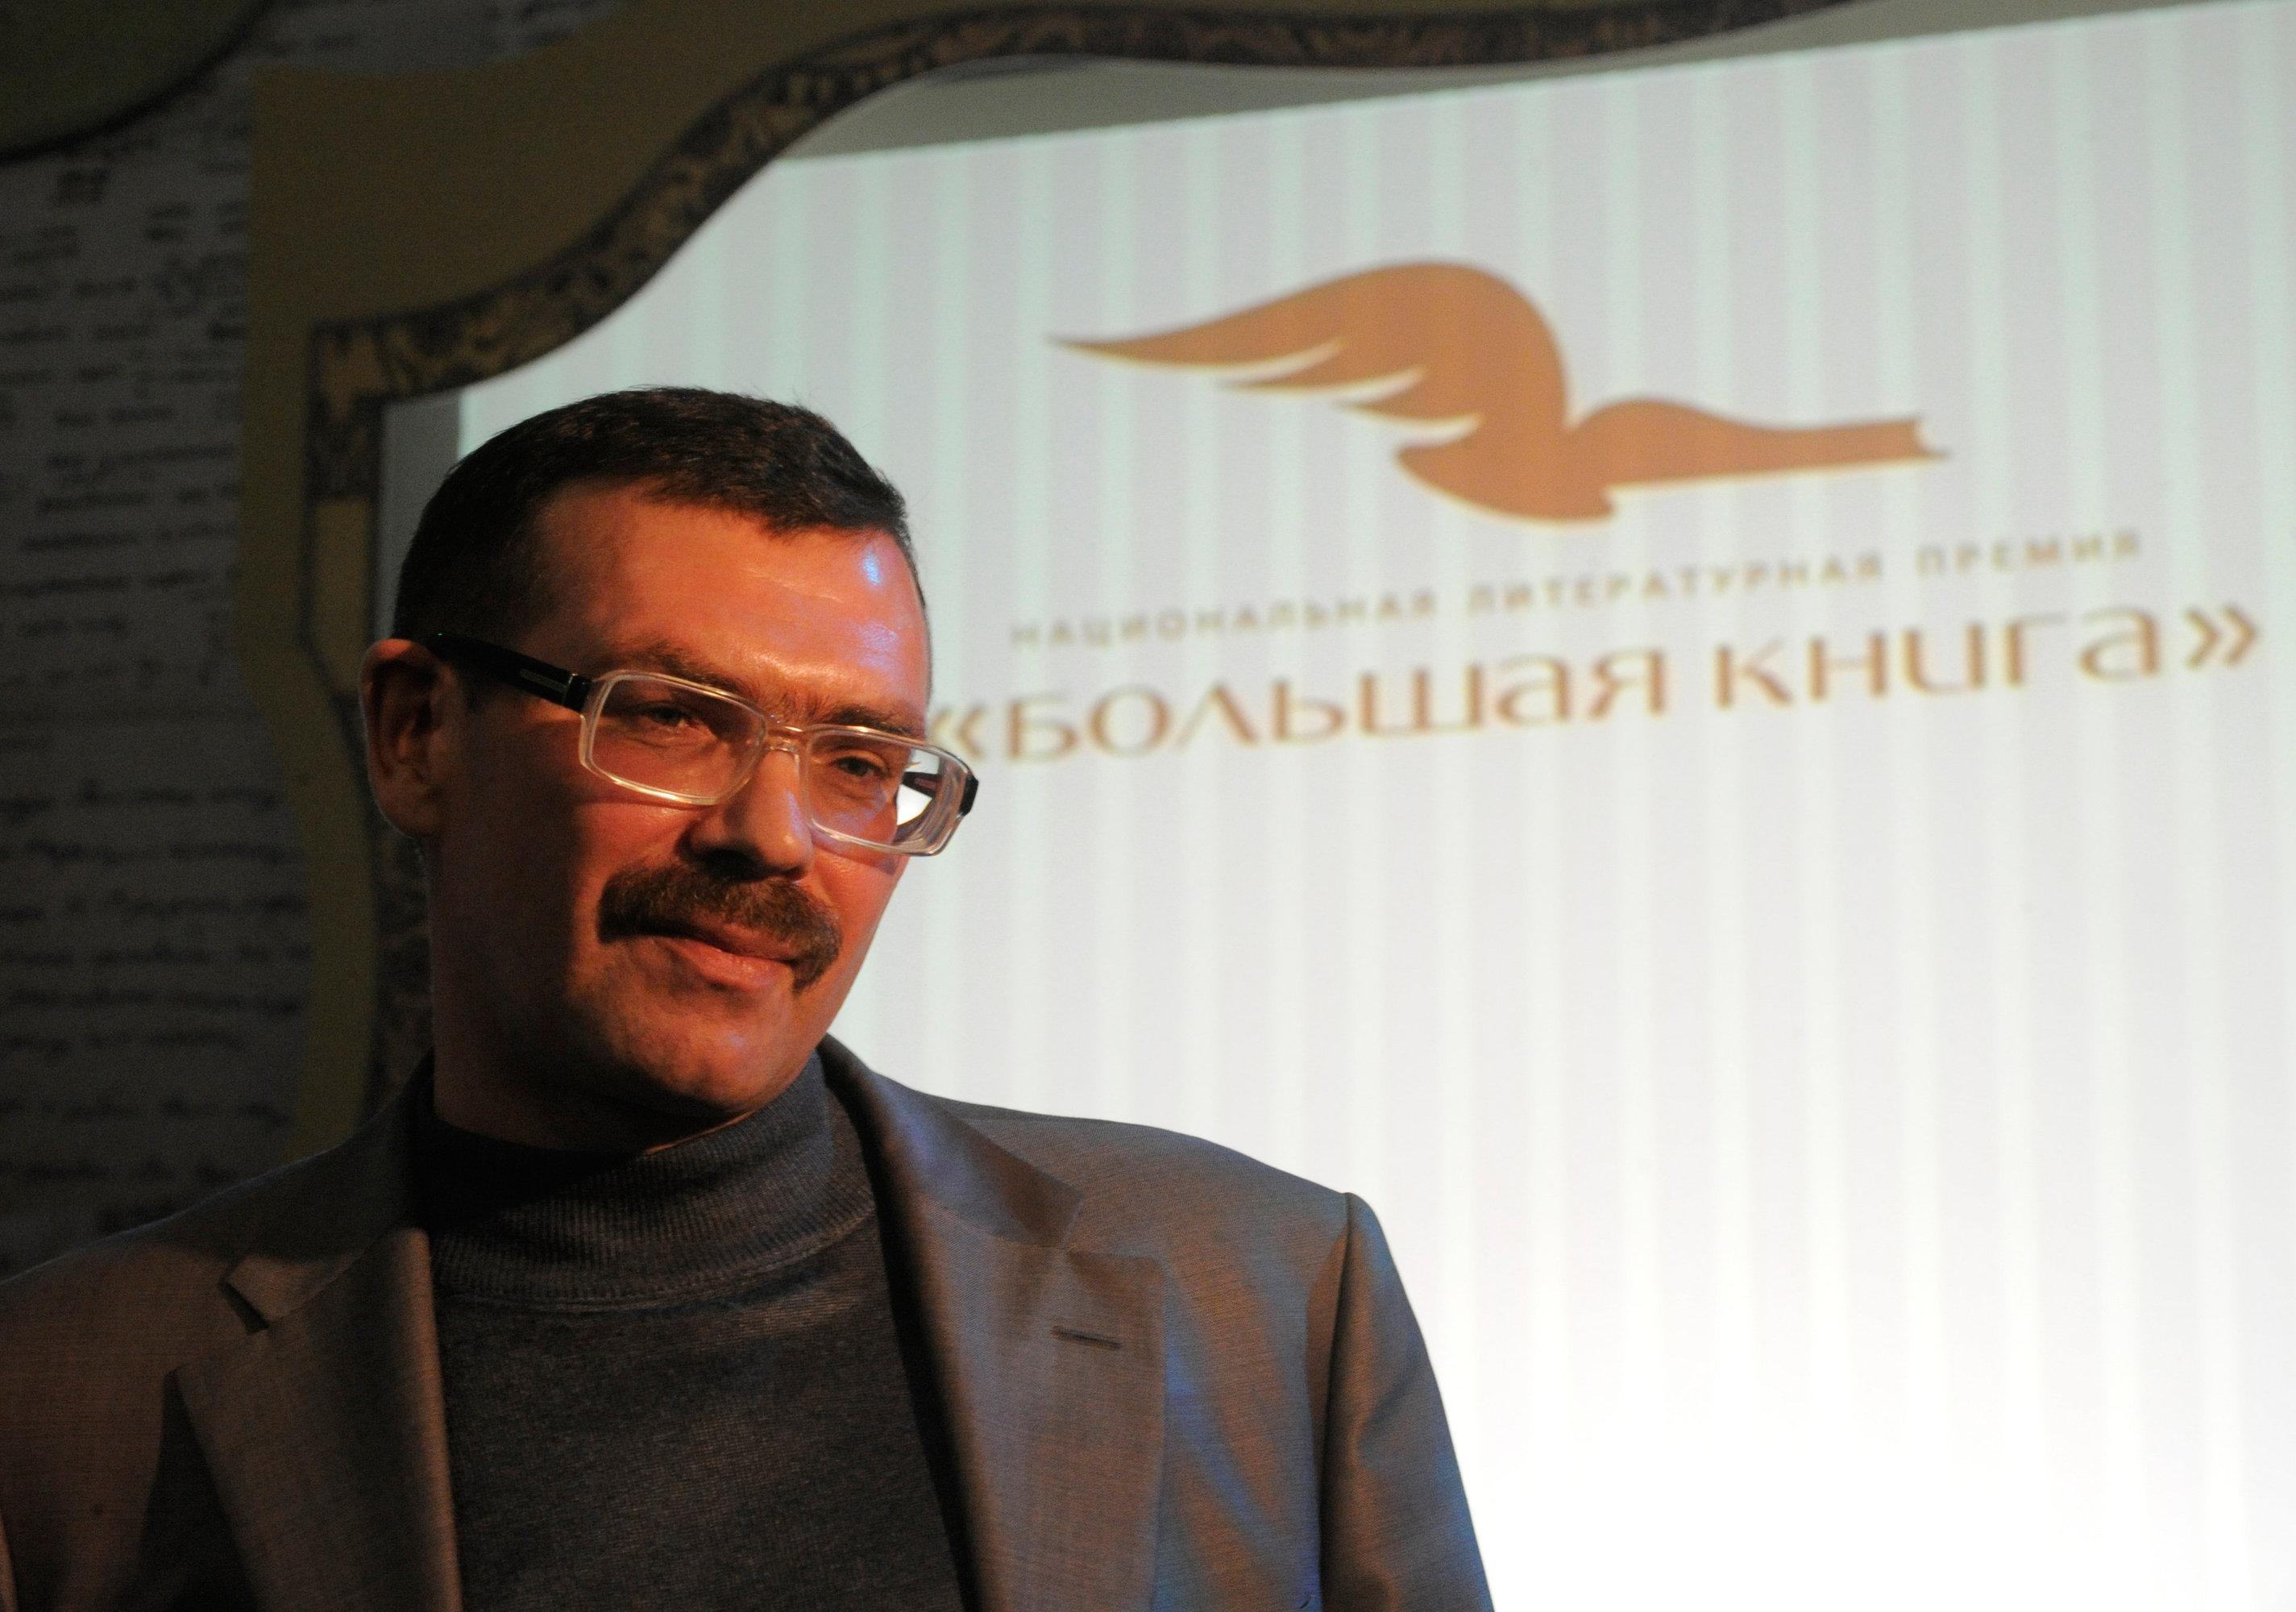 Писатель Павел Басинский на церемонии объявления лауреатов пятого сезона национальной литературной премии Большая книга